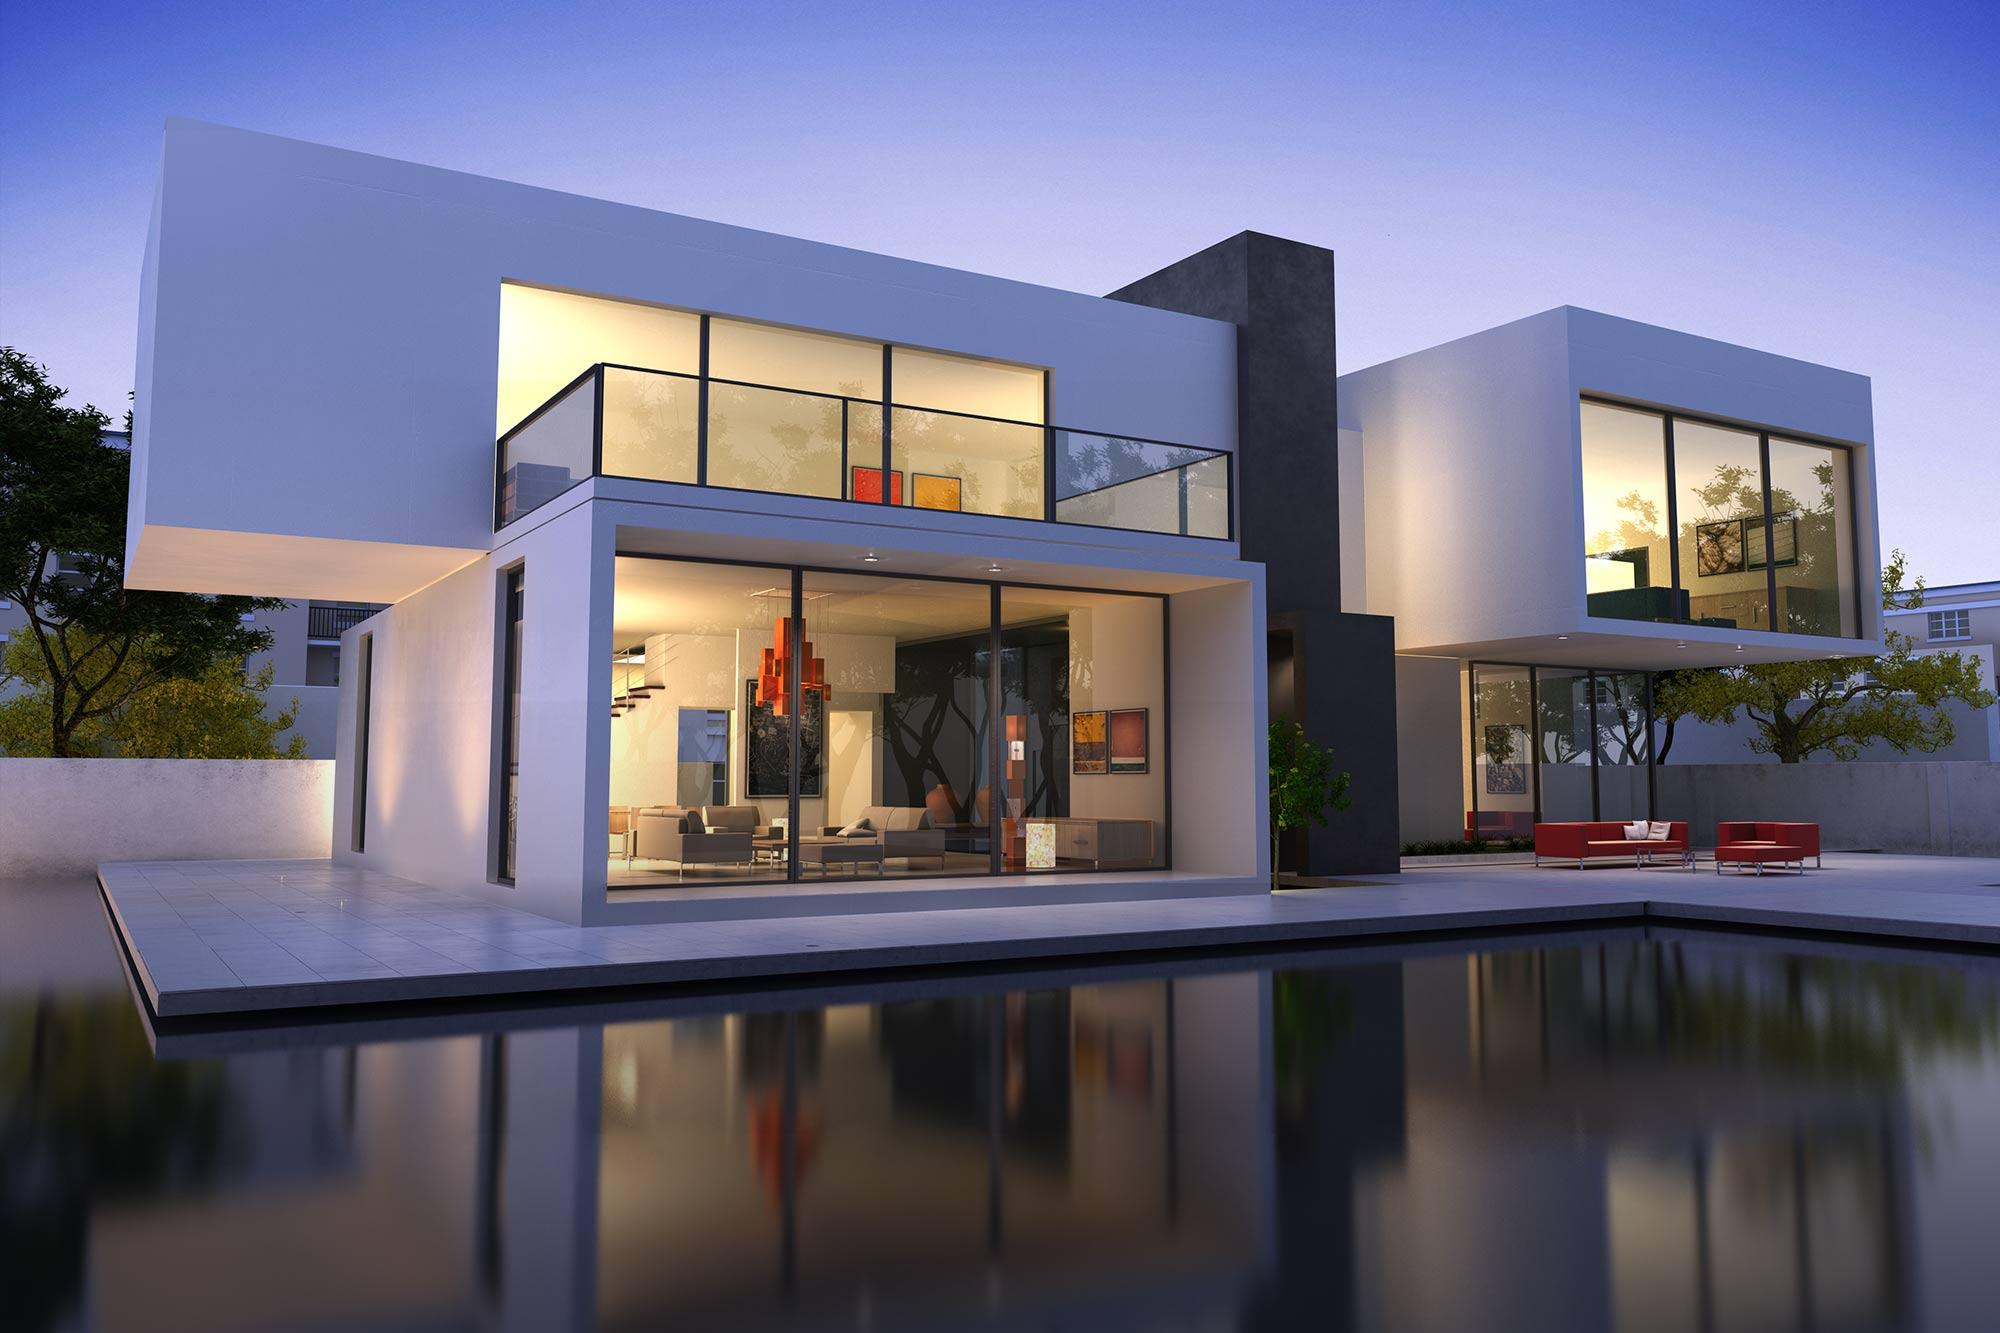 Golf Immobilien immobilienmakler karlsruhe bruchsal pforzheim umgebung